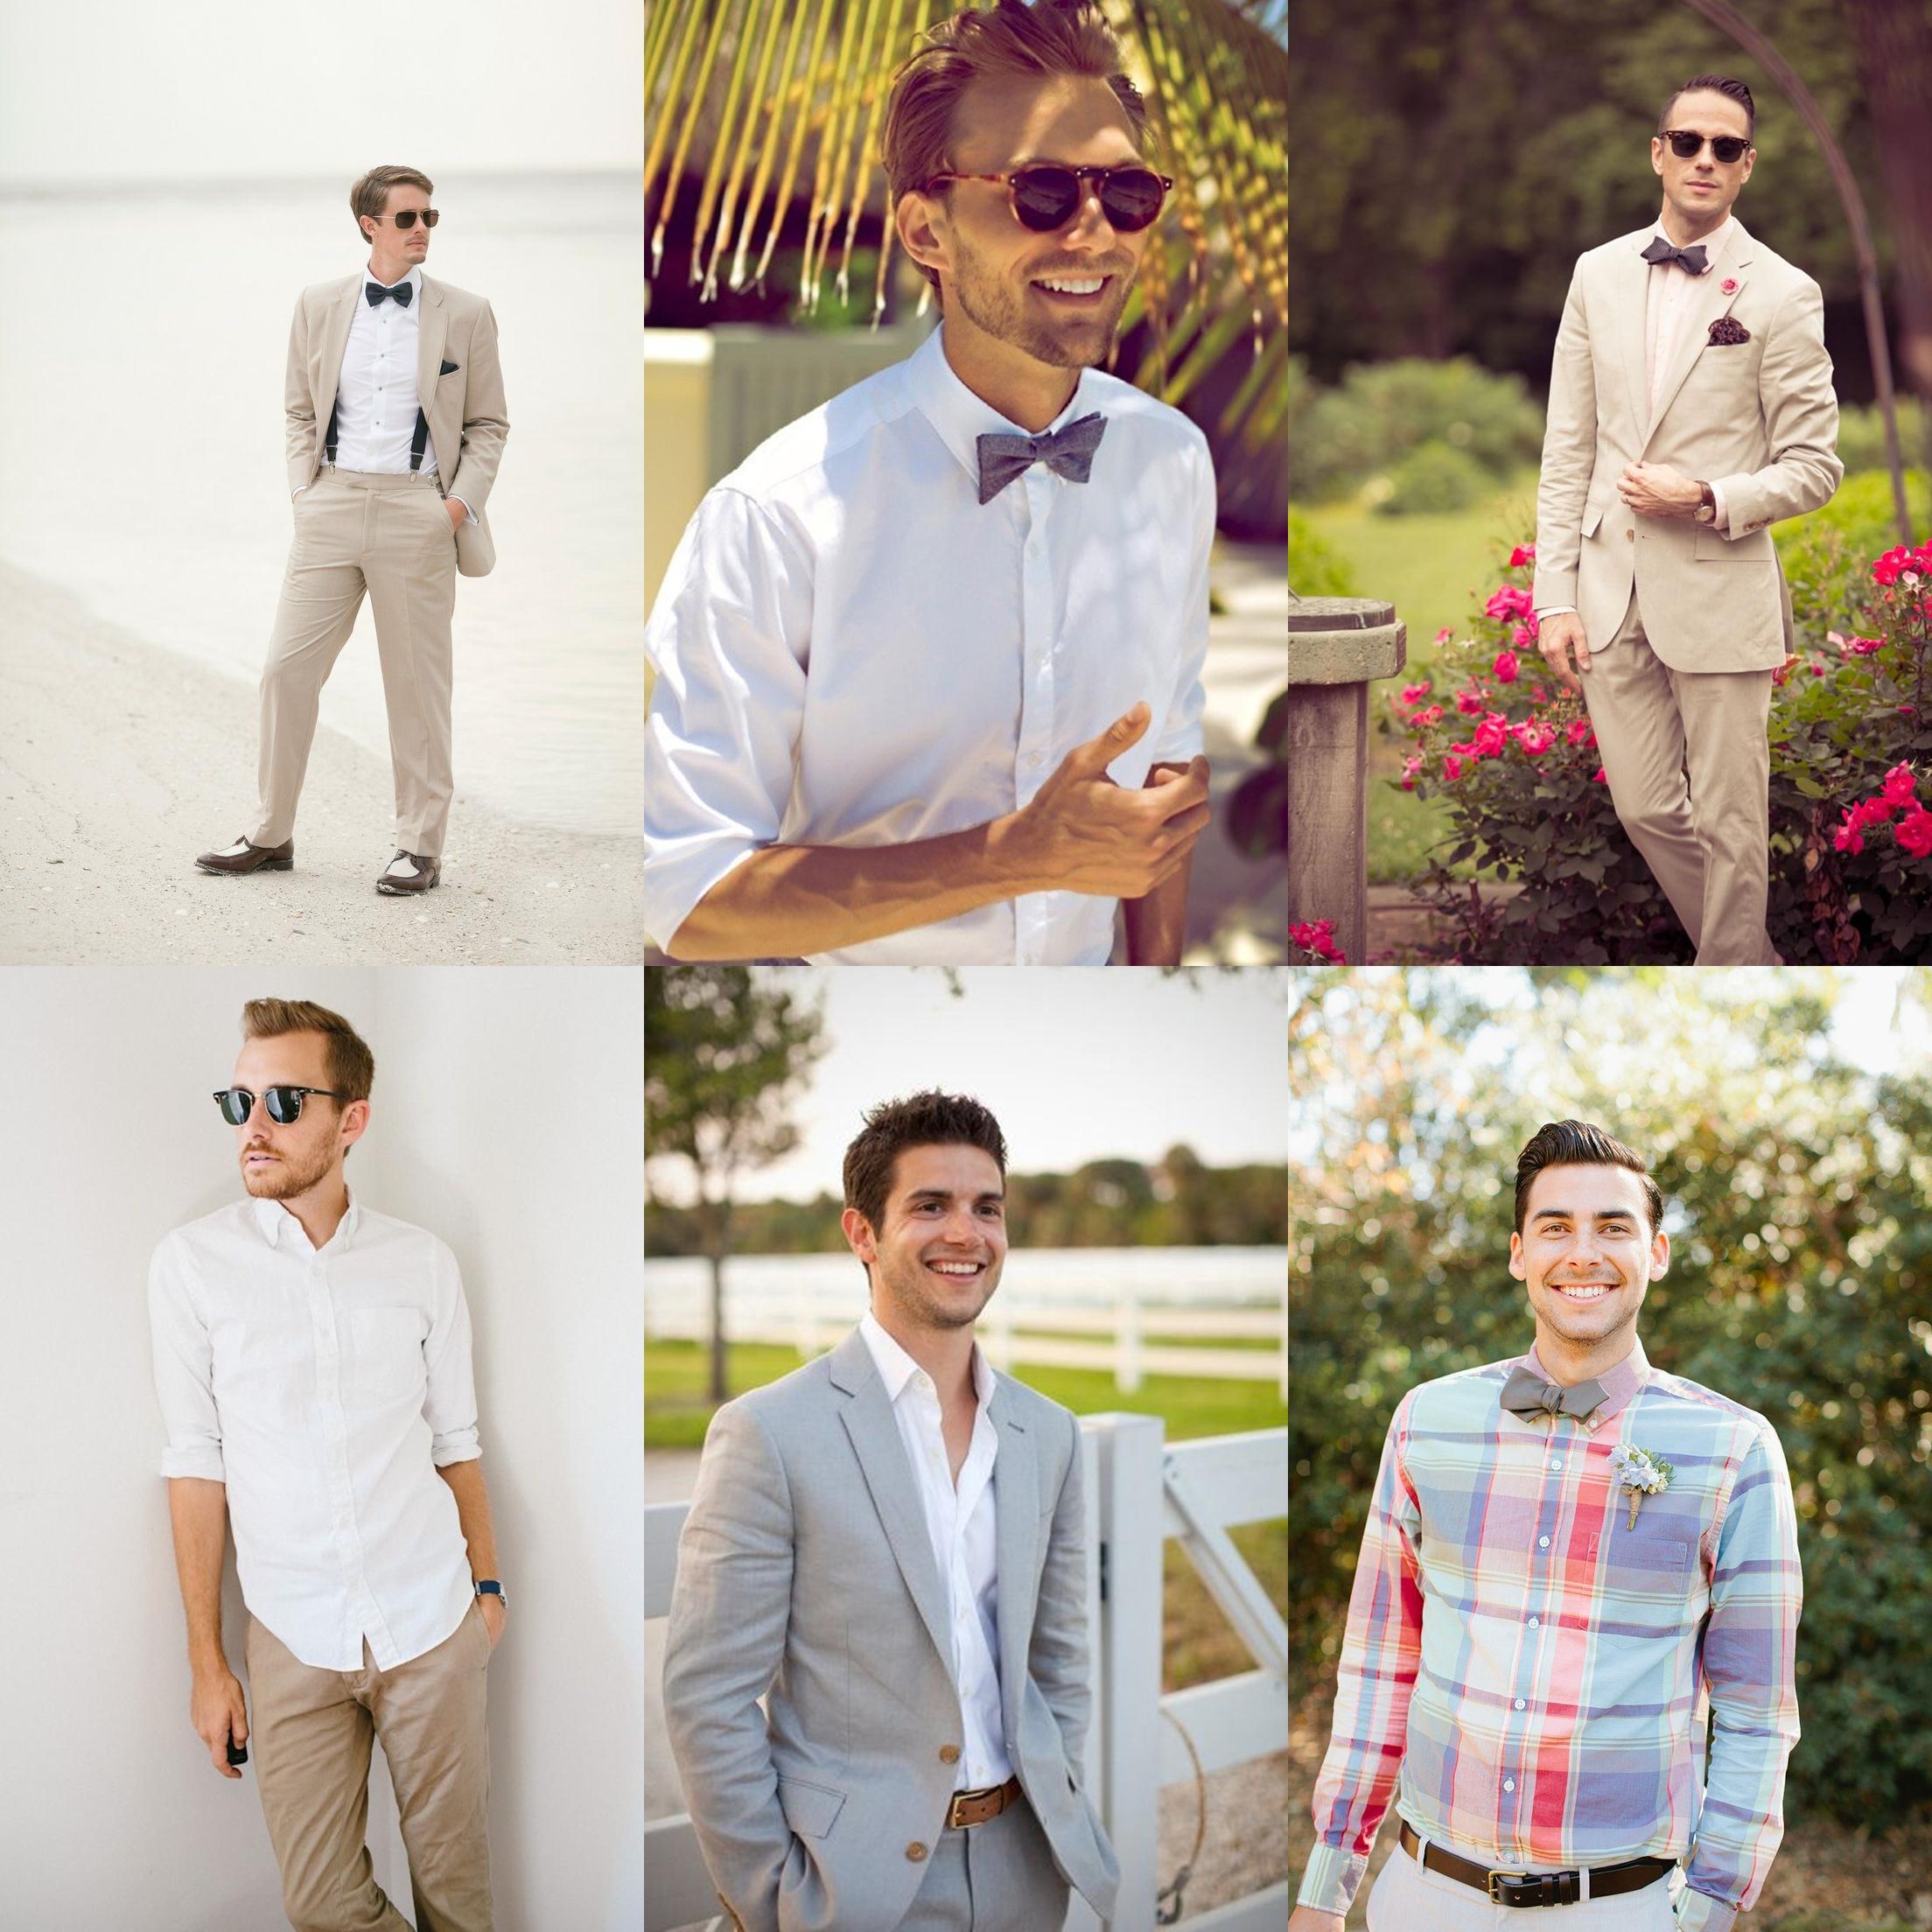 dicas de looks para casamento, roupa de convidado homem, dica de roupas para casamento, looks de casamento, padrinhos, convidados, alex cursino, blog de moda, moda sem censura, fashion blogger, blogger, menswear, style,